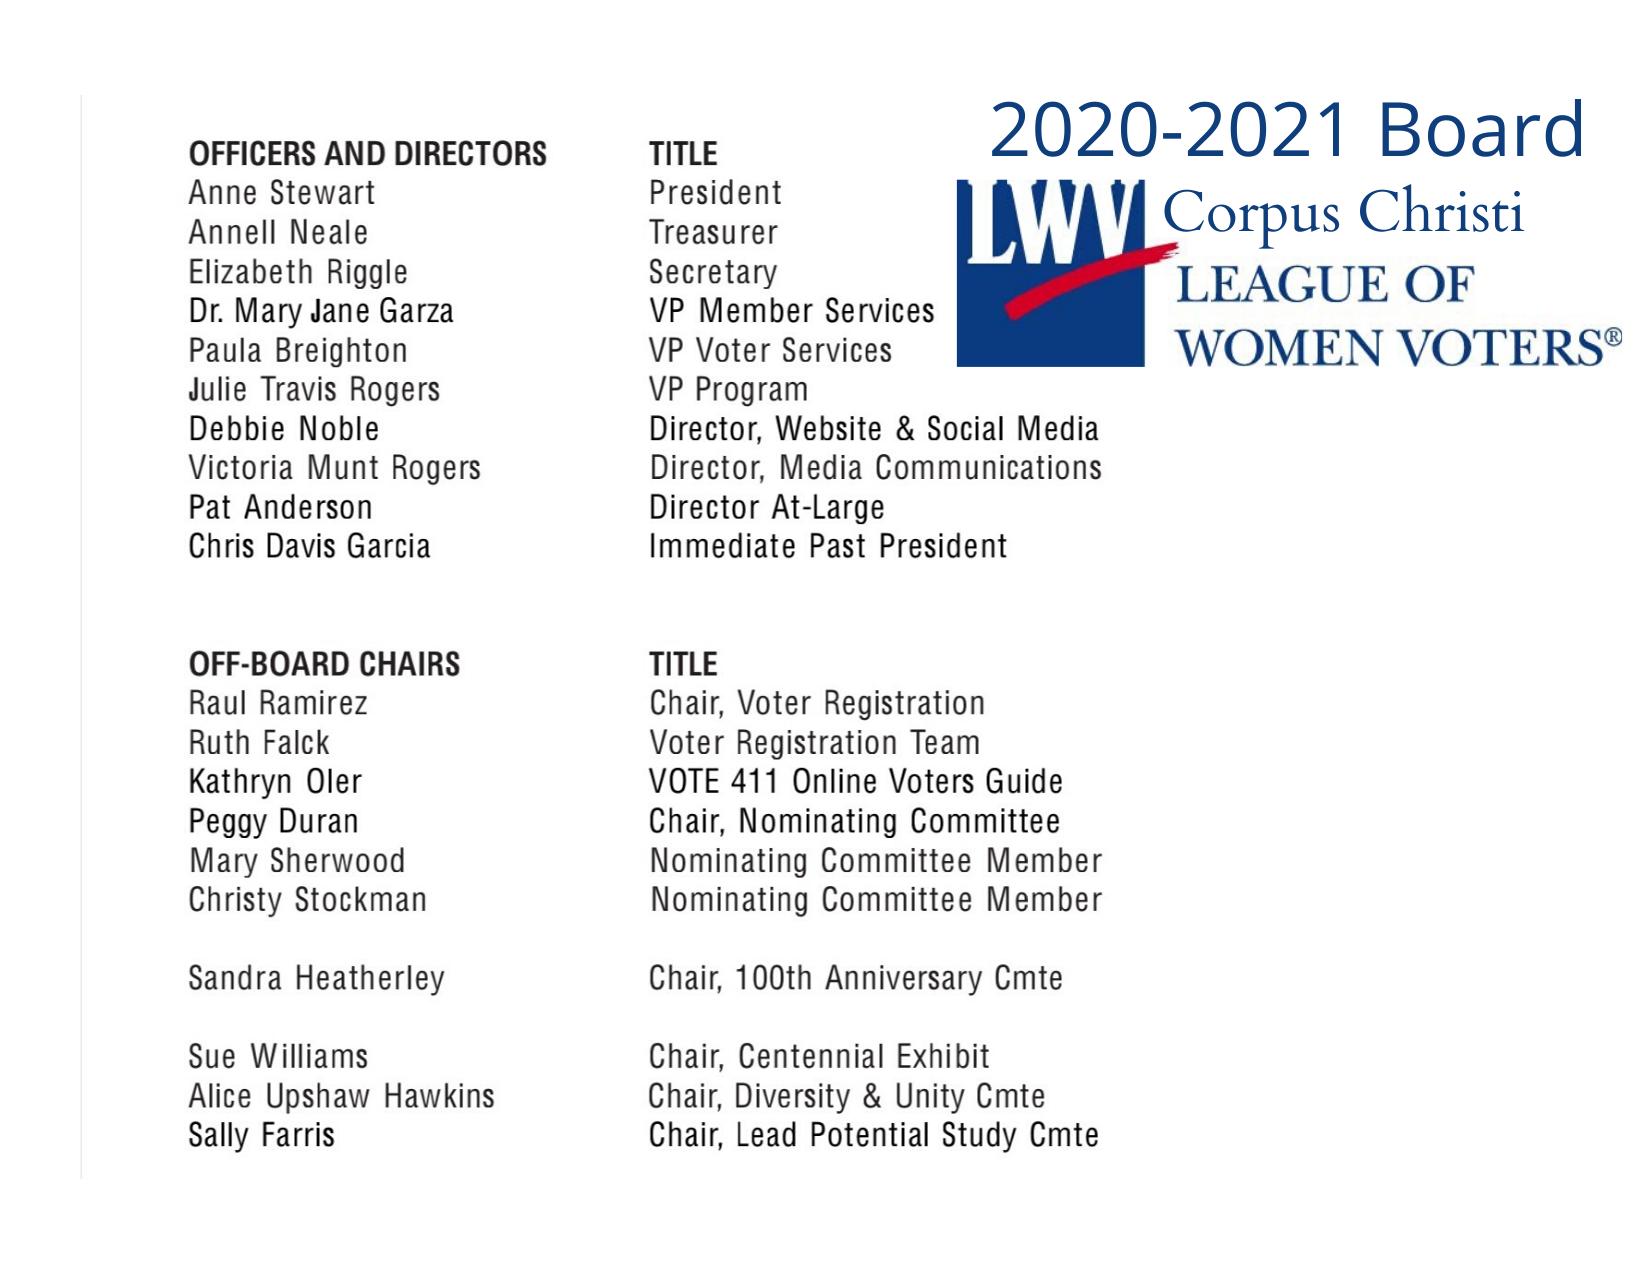 2020 Board Member List